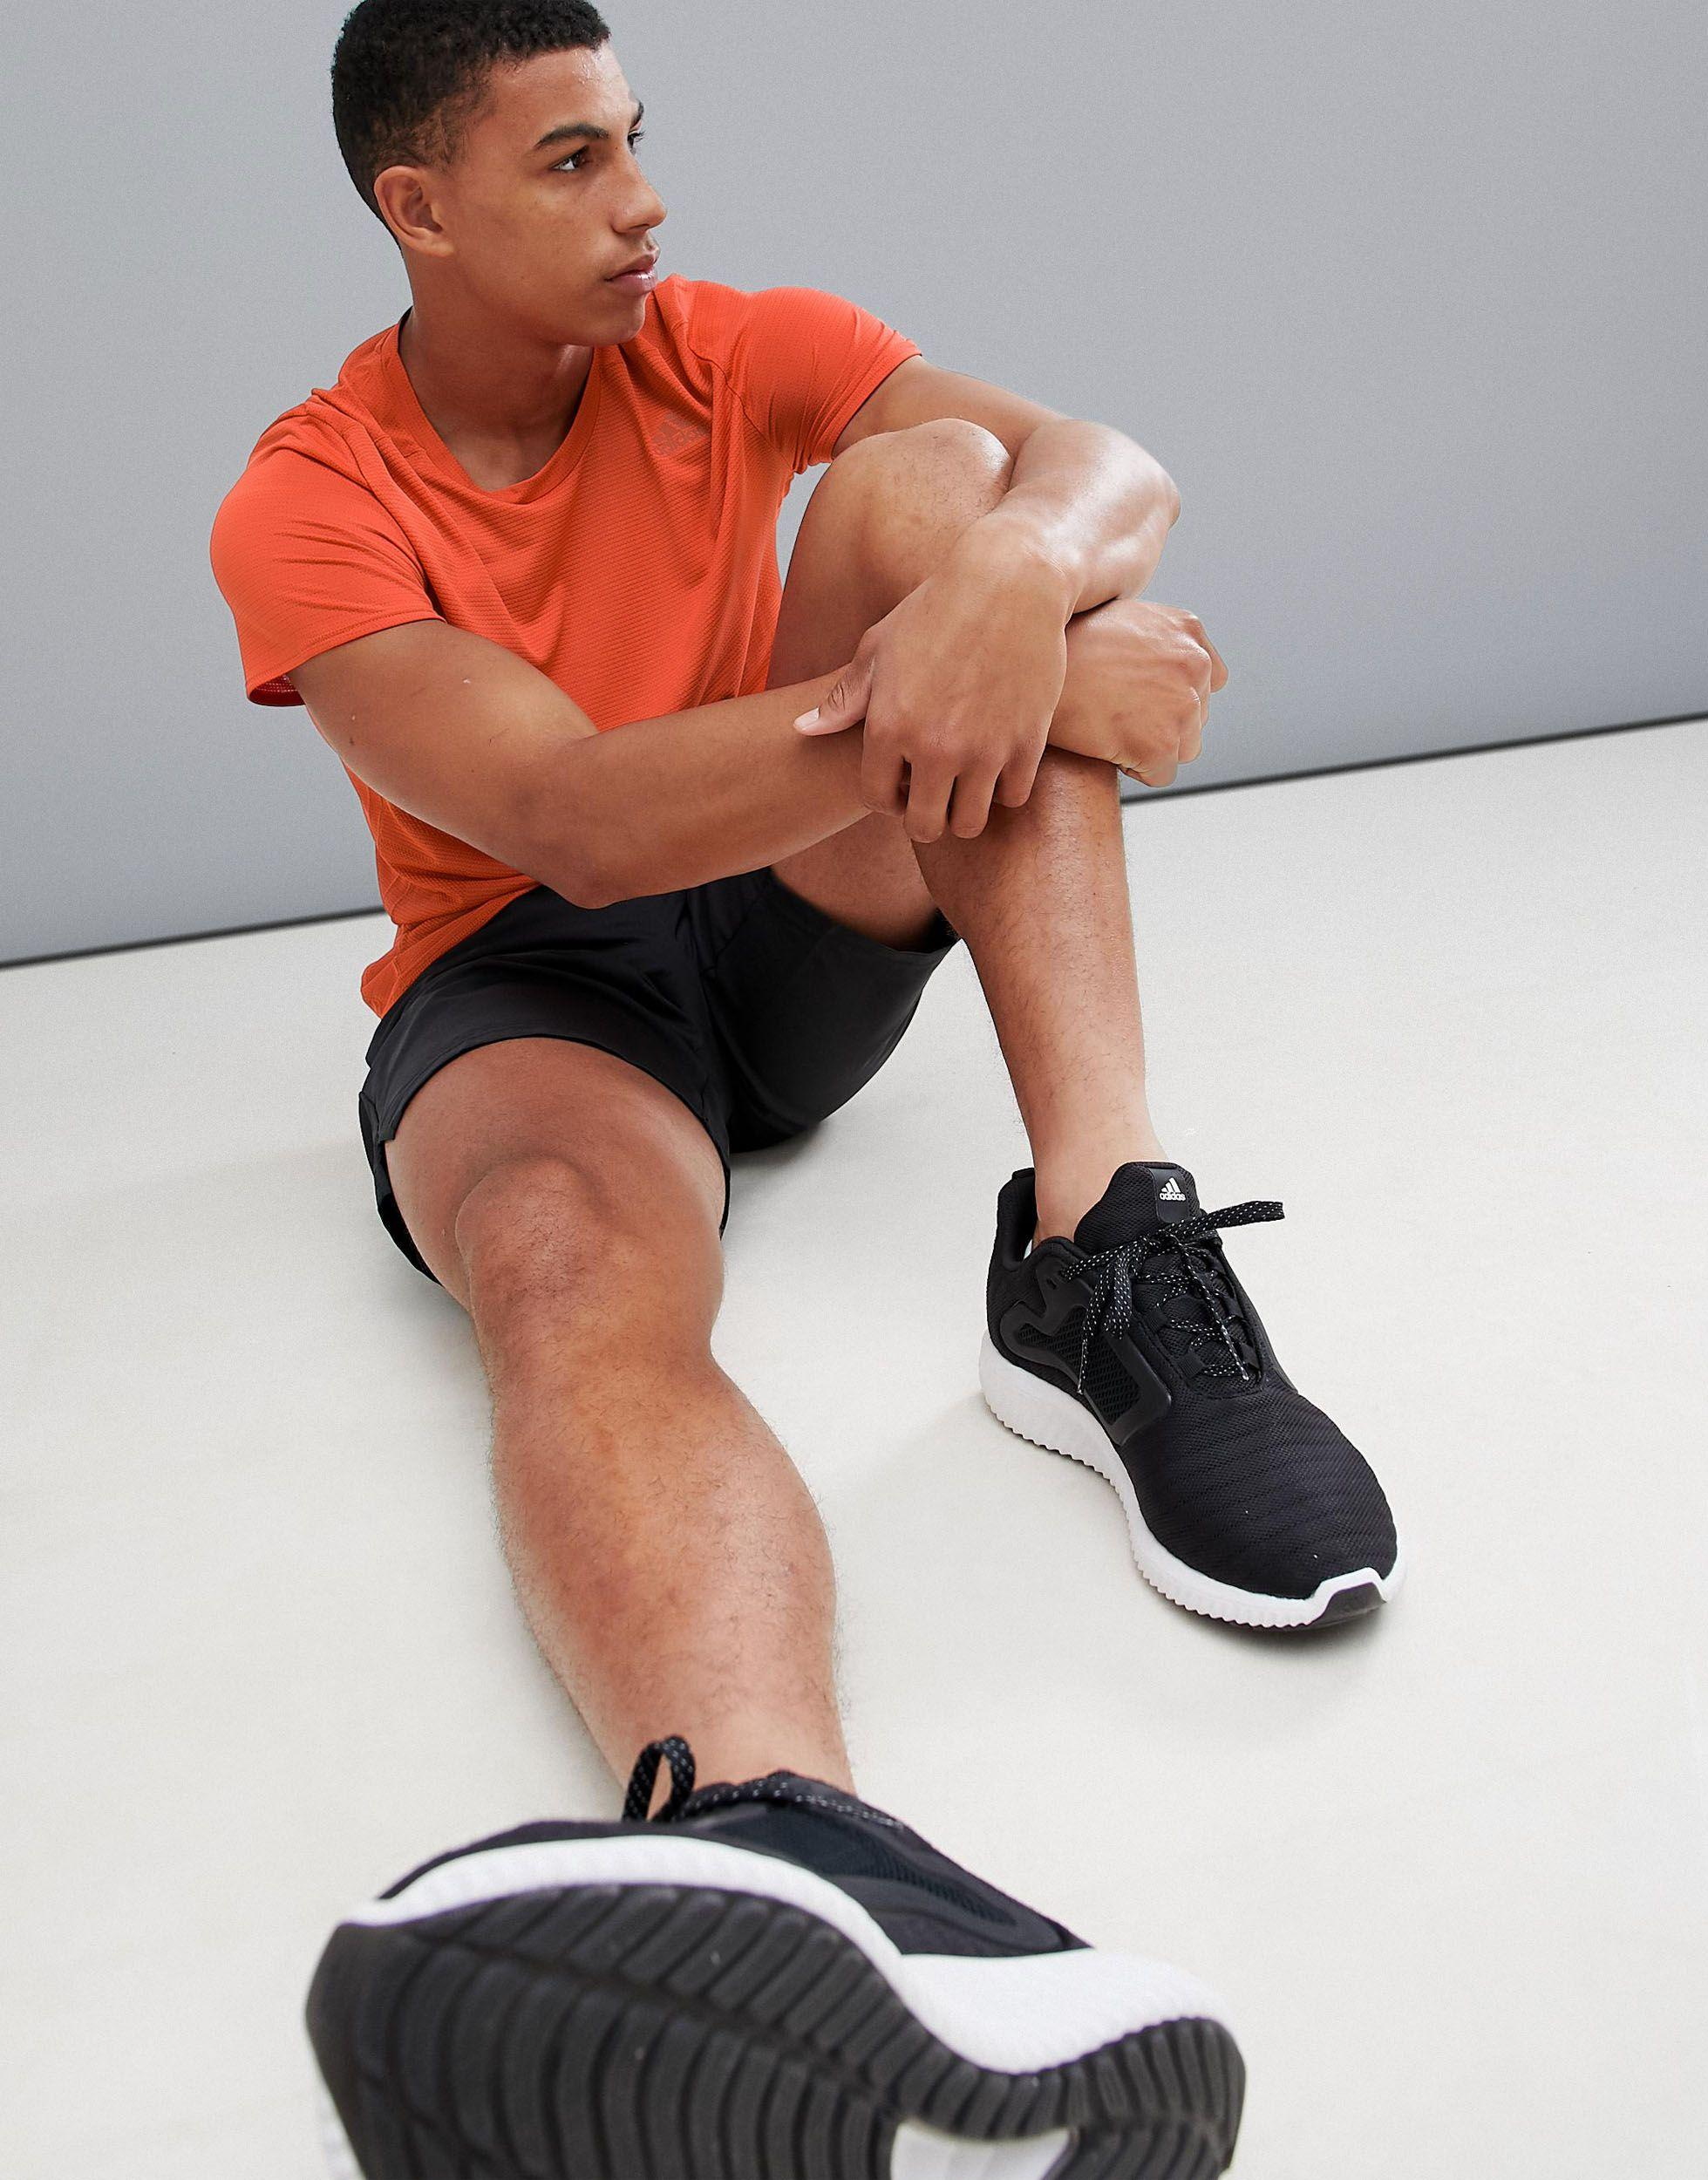 adidas Originals Adidas - Running - Supernova - T-shirt in het Oranje voor heren